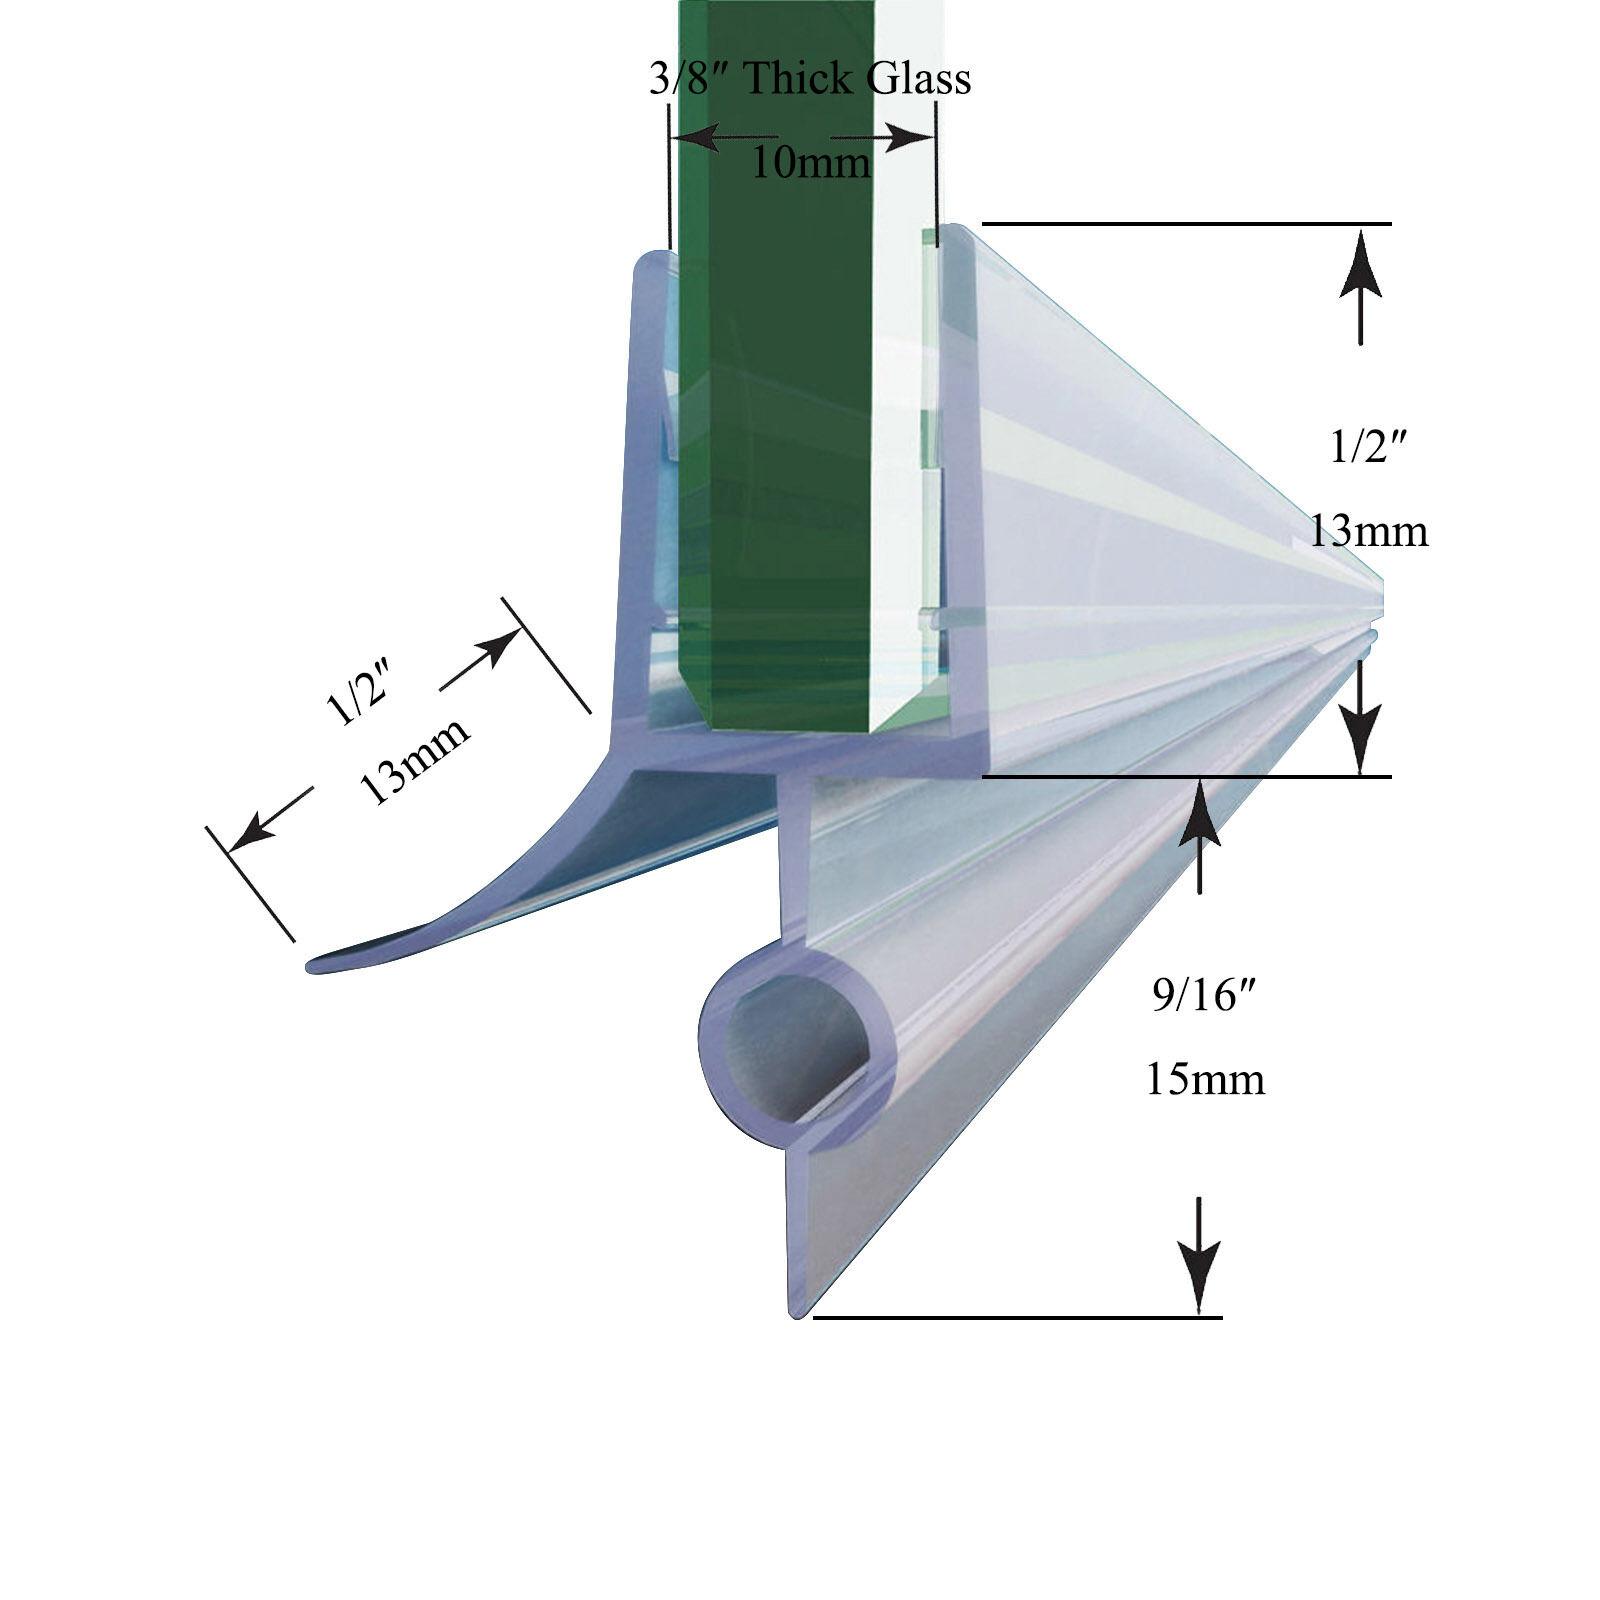 Sunny Shower Door Seal Strip For 3 8 Inch Glass Door Bottom Seal 36 In Length